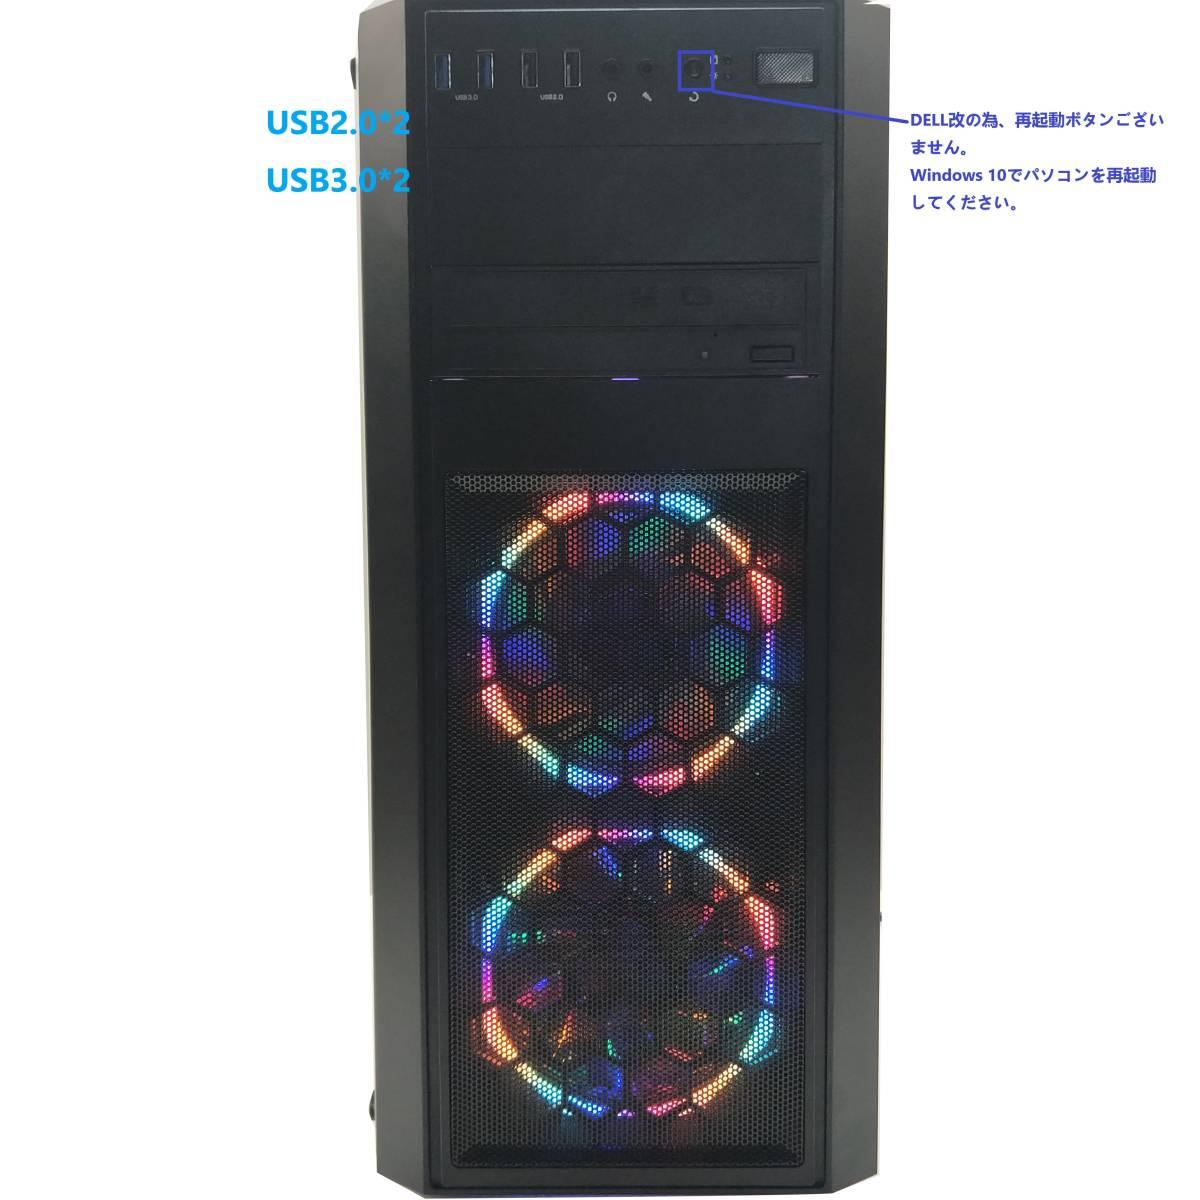 ■驚速 超美品 新品ケース DELL3800改 i7-4790 4.0Gx8/16GB■新SSD480GB+大容量HDD2TB Win10/Office2019Pro/HDMI/追加 無線WIFI/USB3.0 SK5_画像2